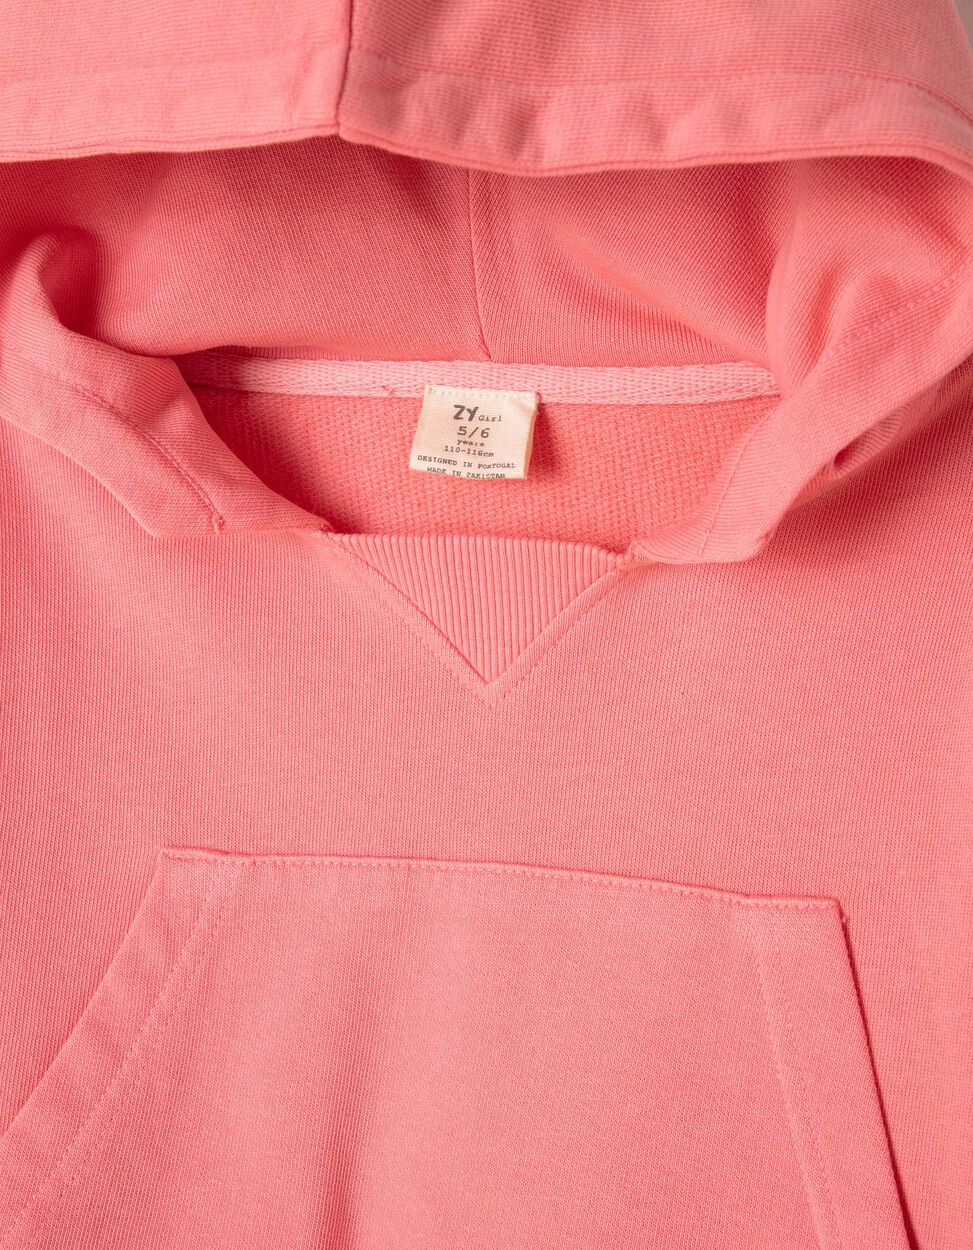 Sweatshirt Curta com Capuz Rosa